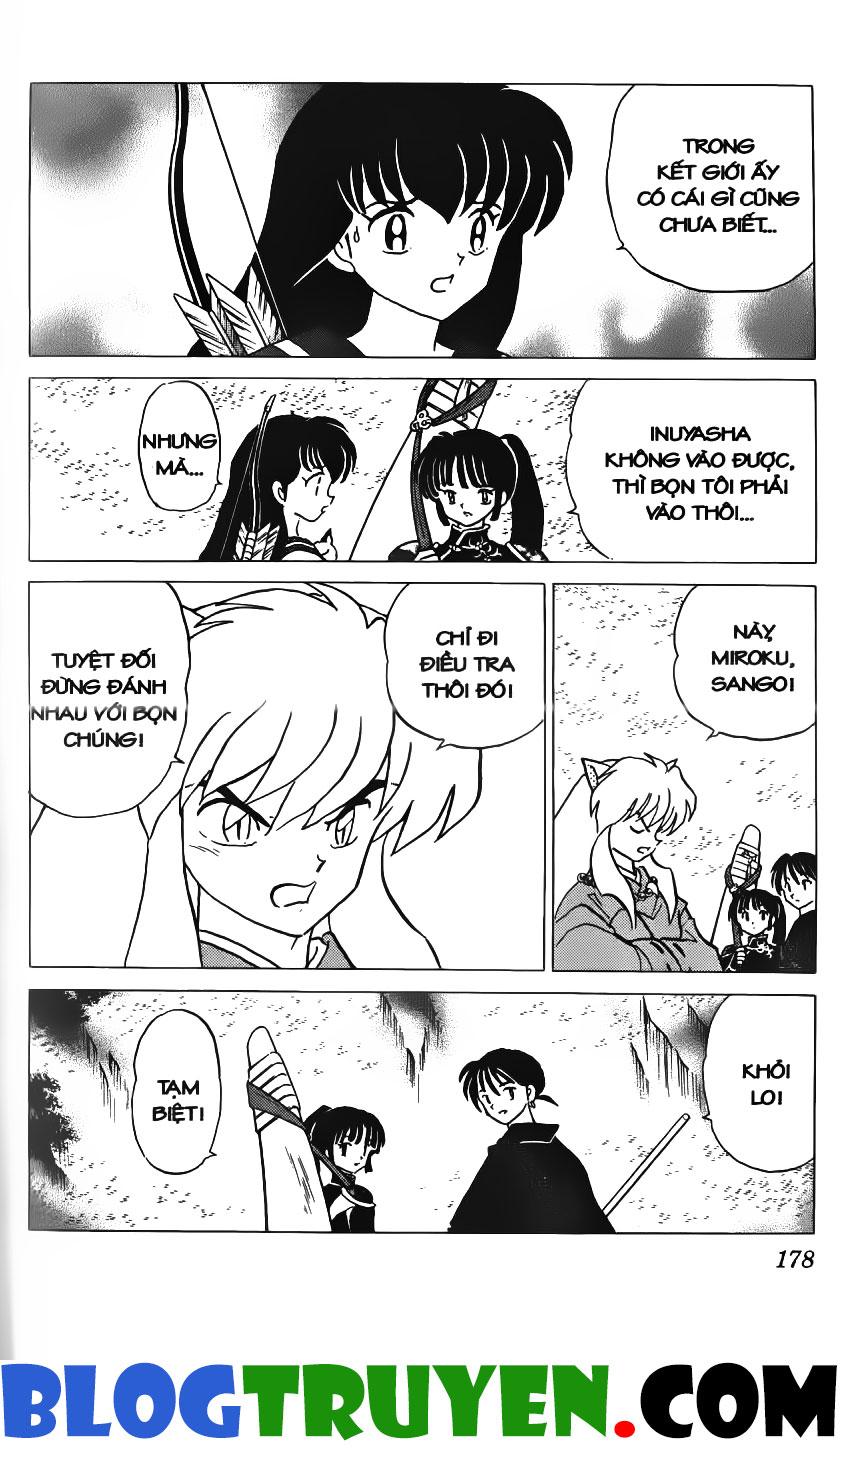 Inuyasha vol 26.10 trang 9